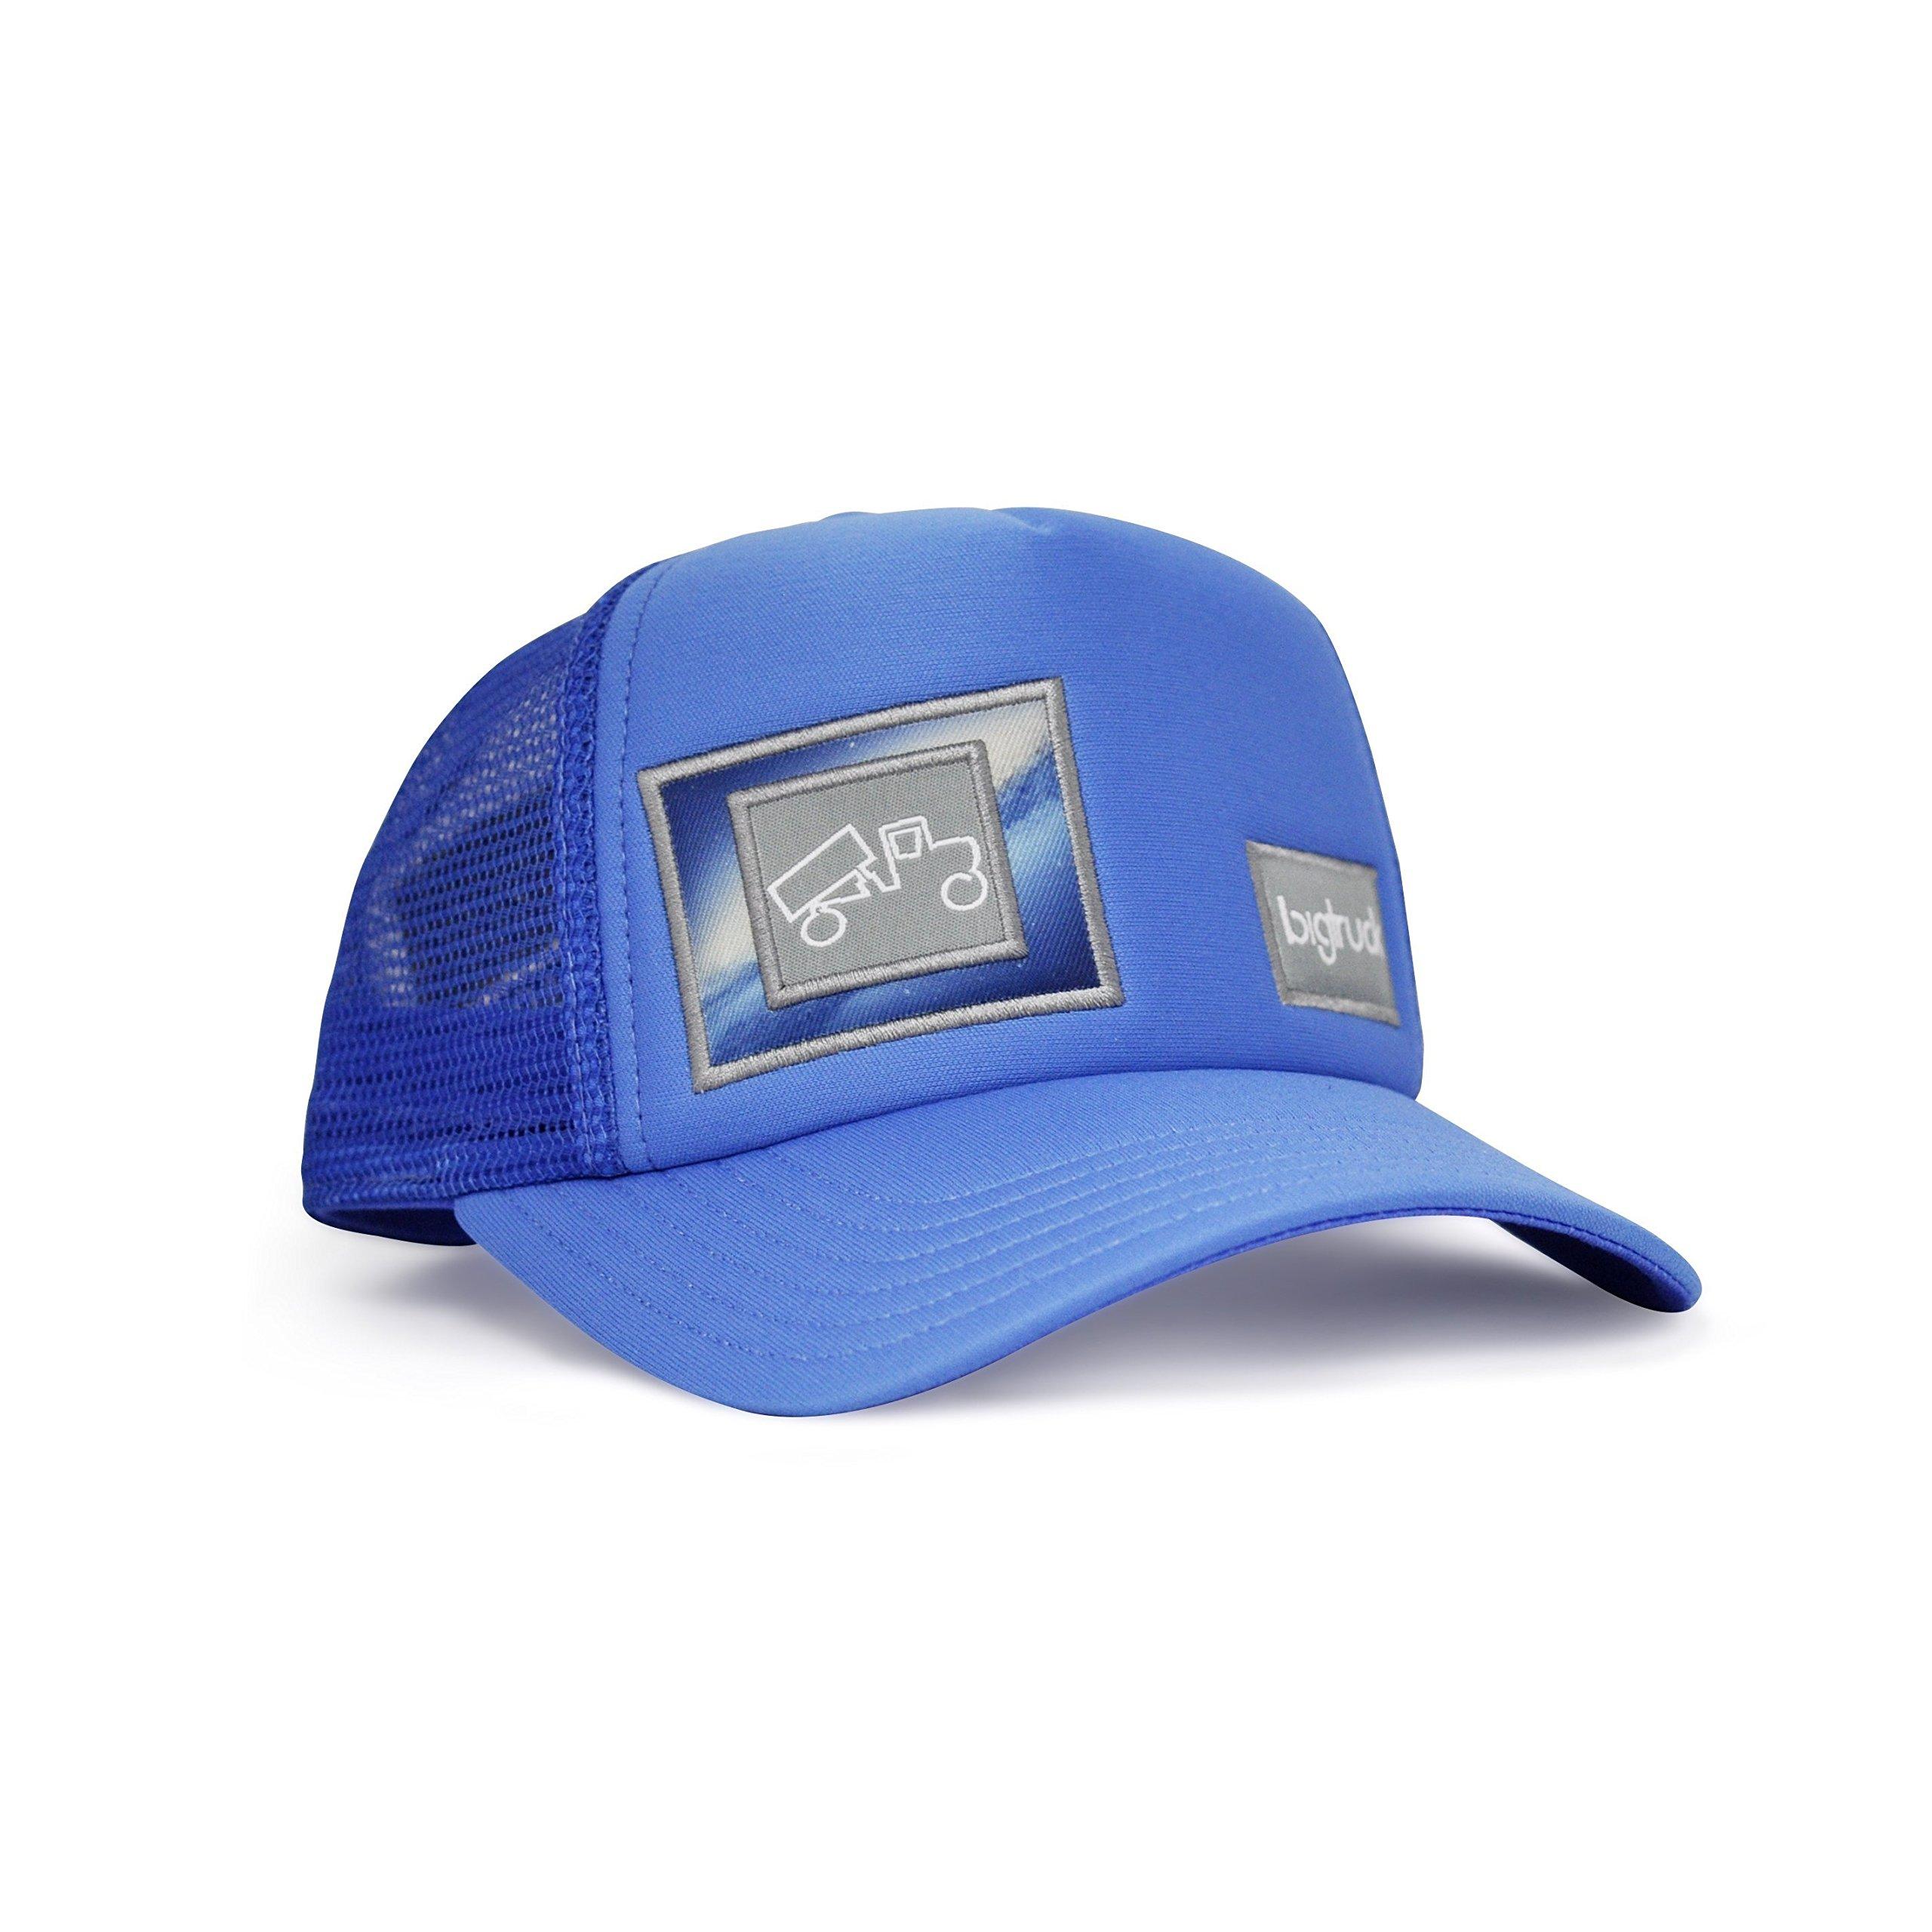 bigtruck Original Toddler Mesh Snapback Toddler Trucker Hat, Blue